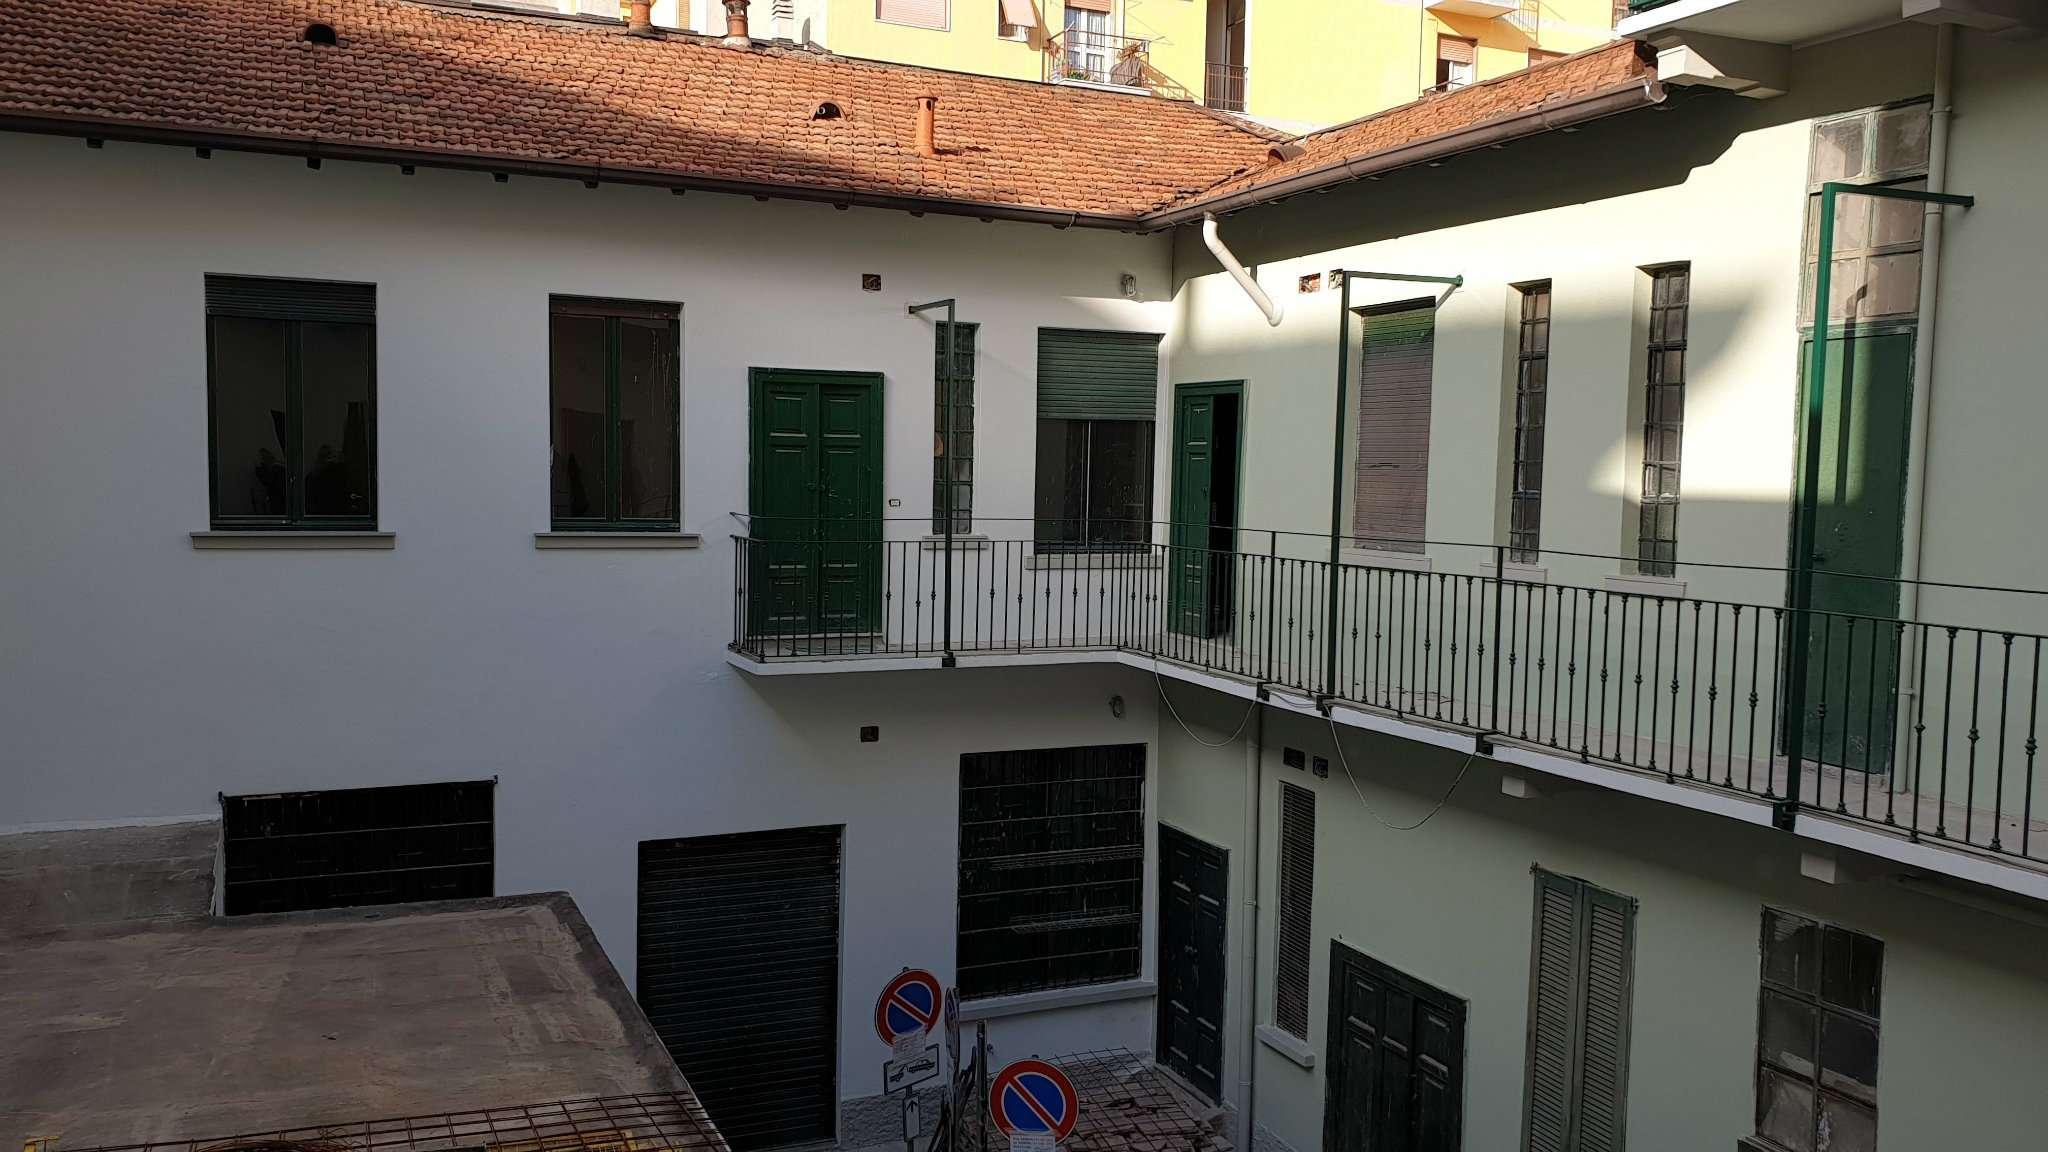 Appartamento in vendita a Milano, 3 locali, zona Zona: 14 . Lotto, Novara, San Siro, QT8 , Montestella, Rembrandt, prezzo € 330.000 | CambioCasa.it